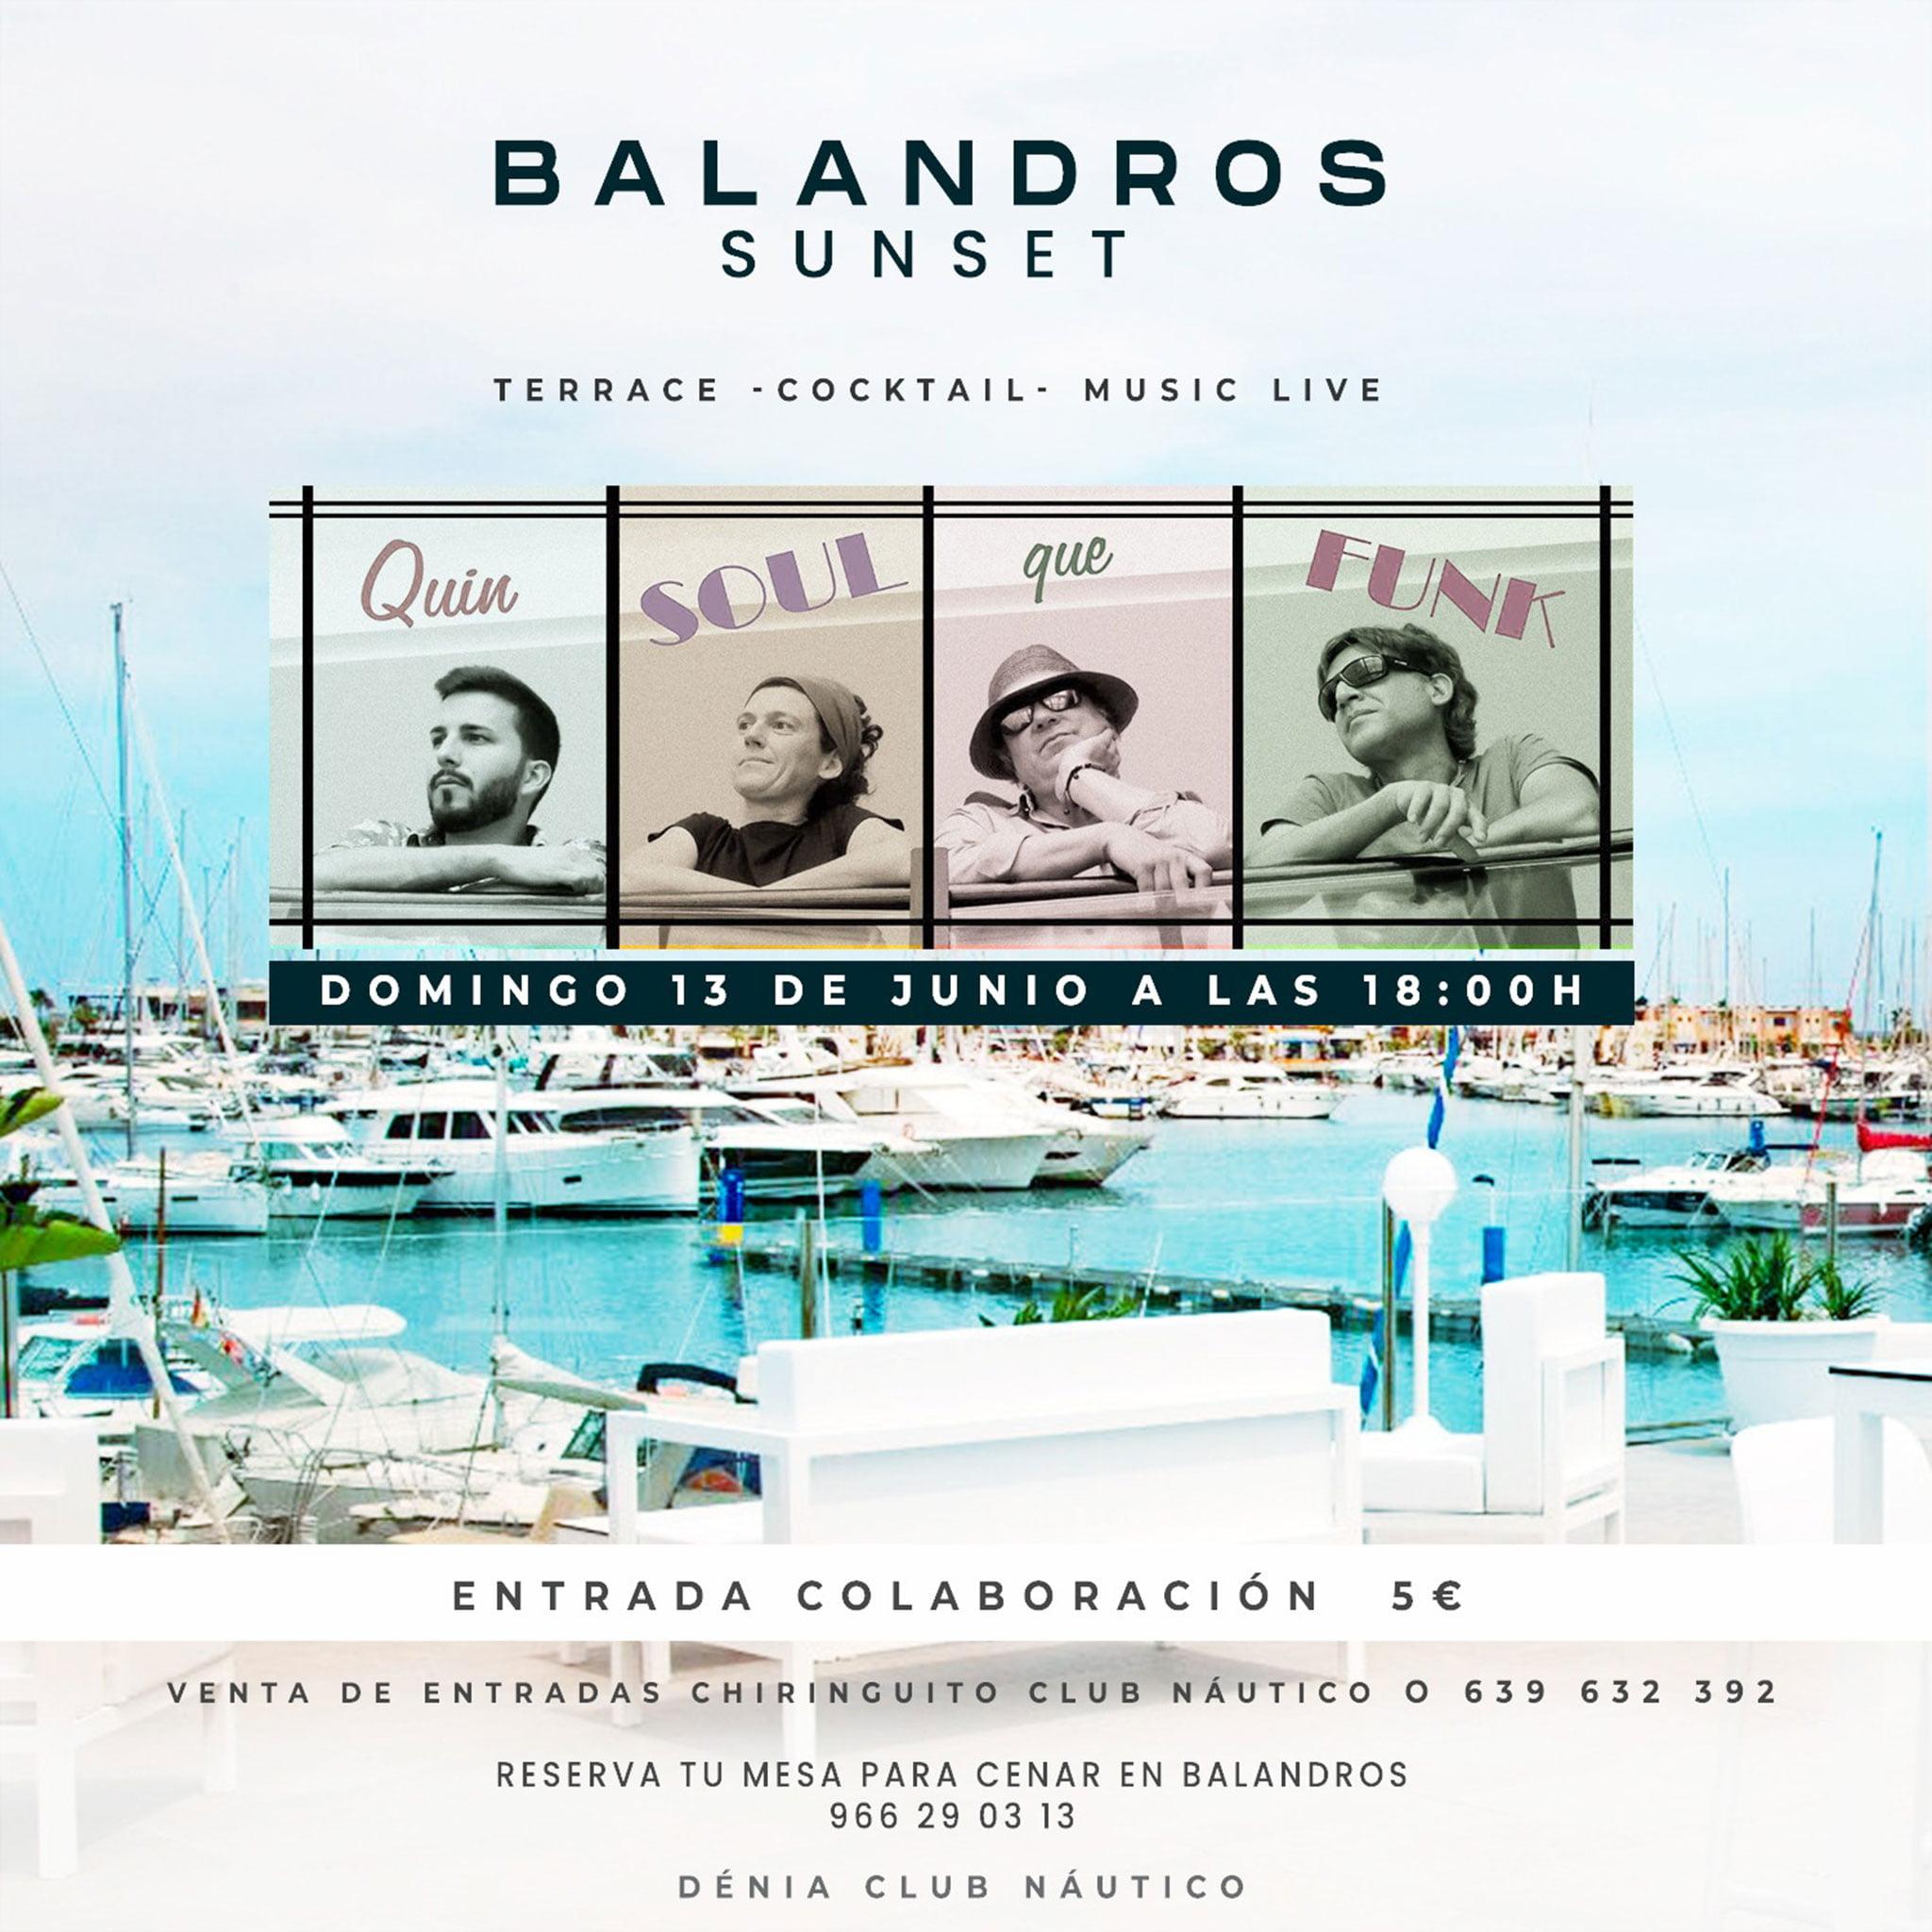 """Actuación musical """"Quin Soul que Funk"""" – Restaurante Balandros"""